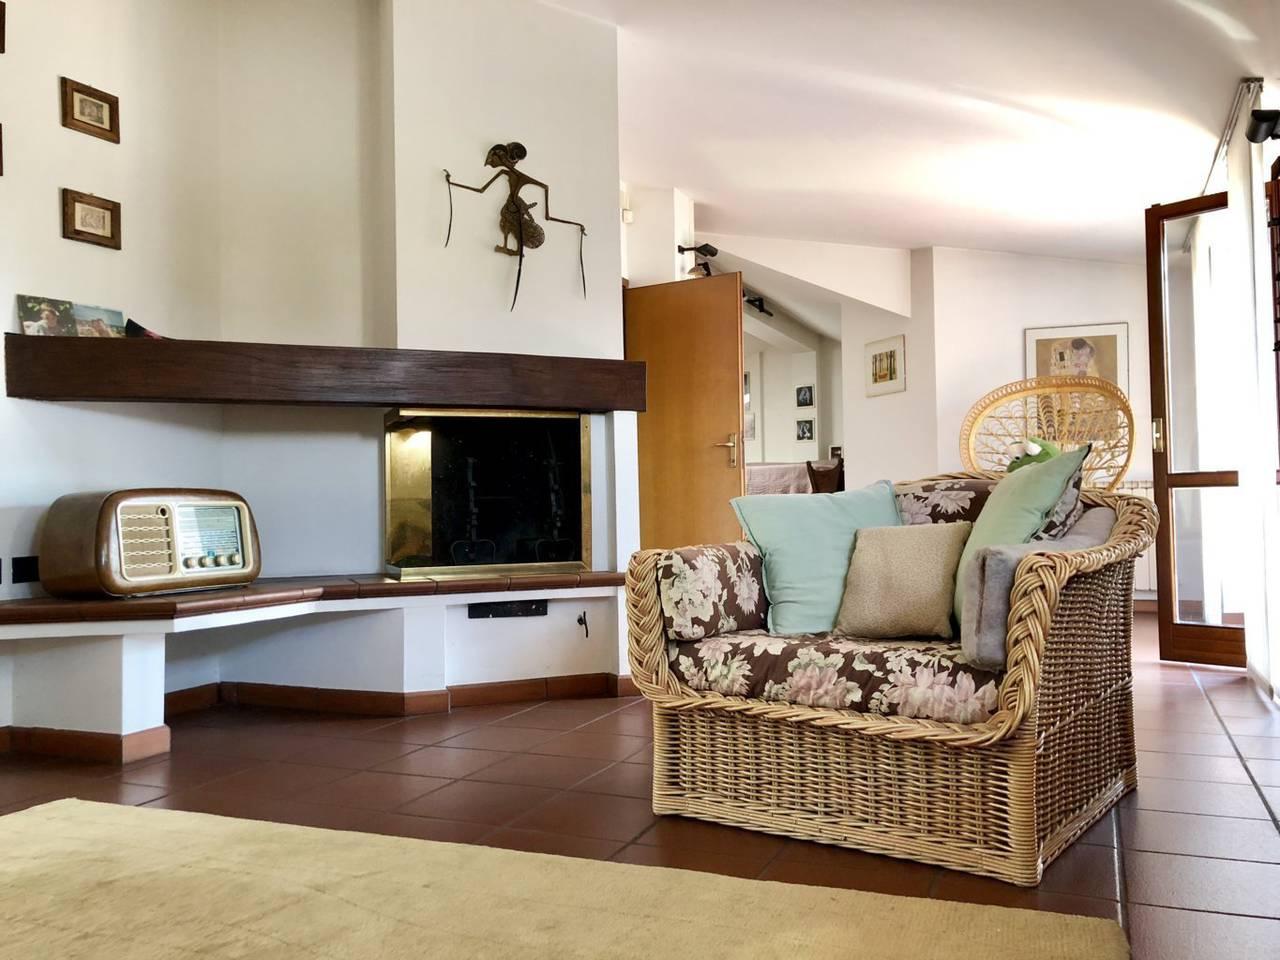 Villa-in-vendita-a-Caronno-Pertusella-13